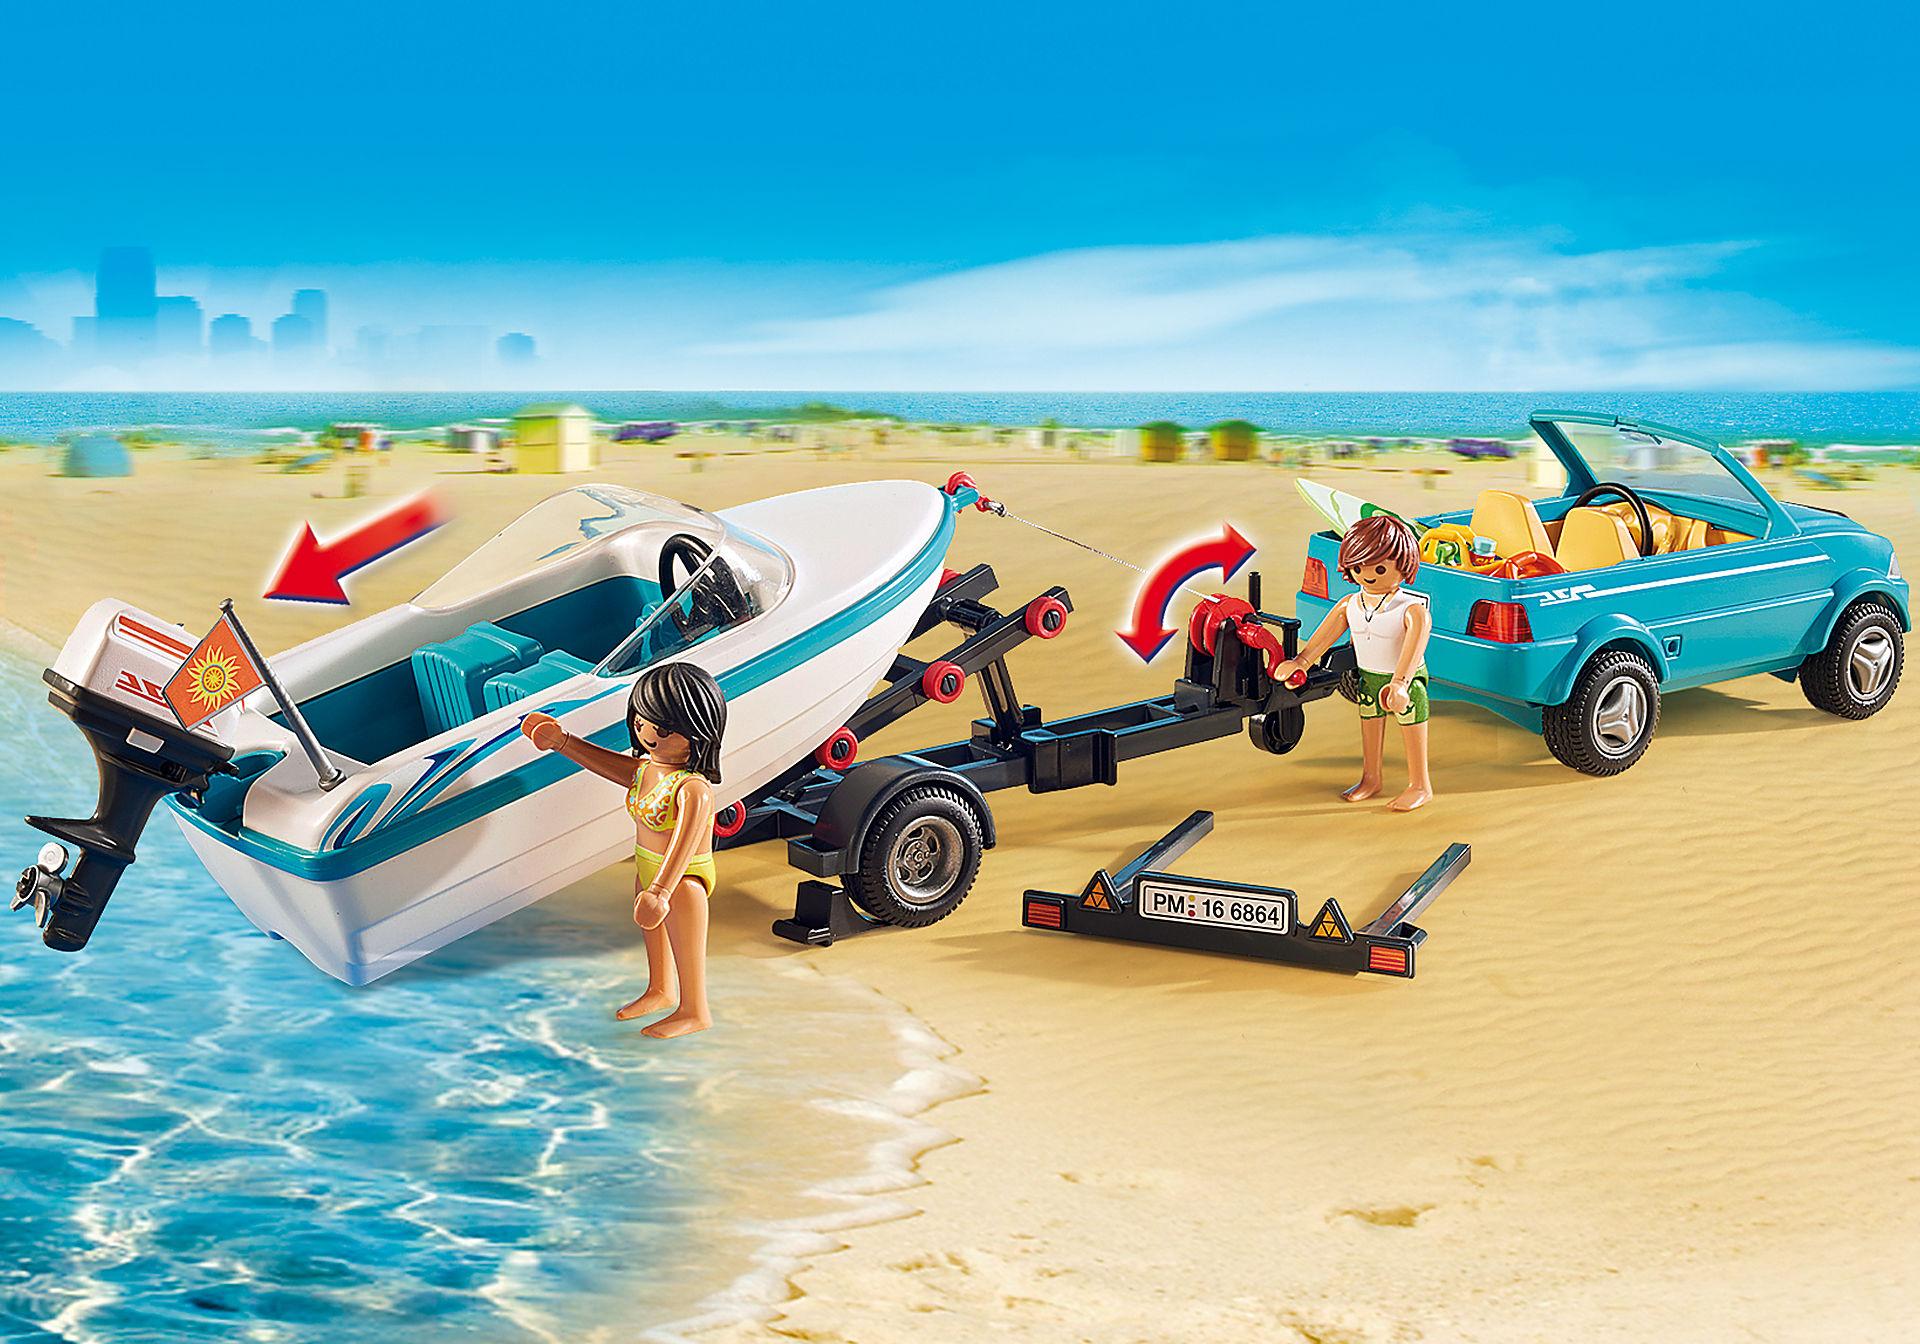 6864 Surfer-Pickup mit Speedboat  zoom image5